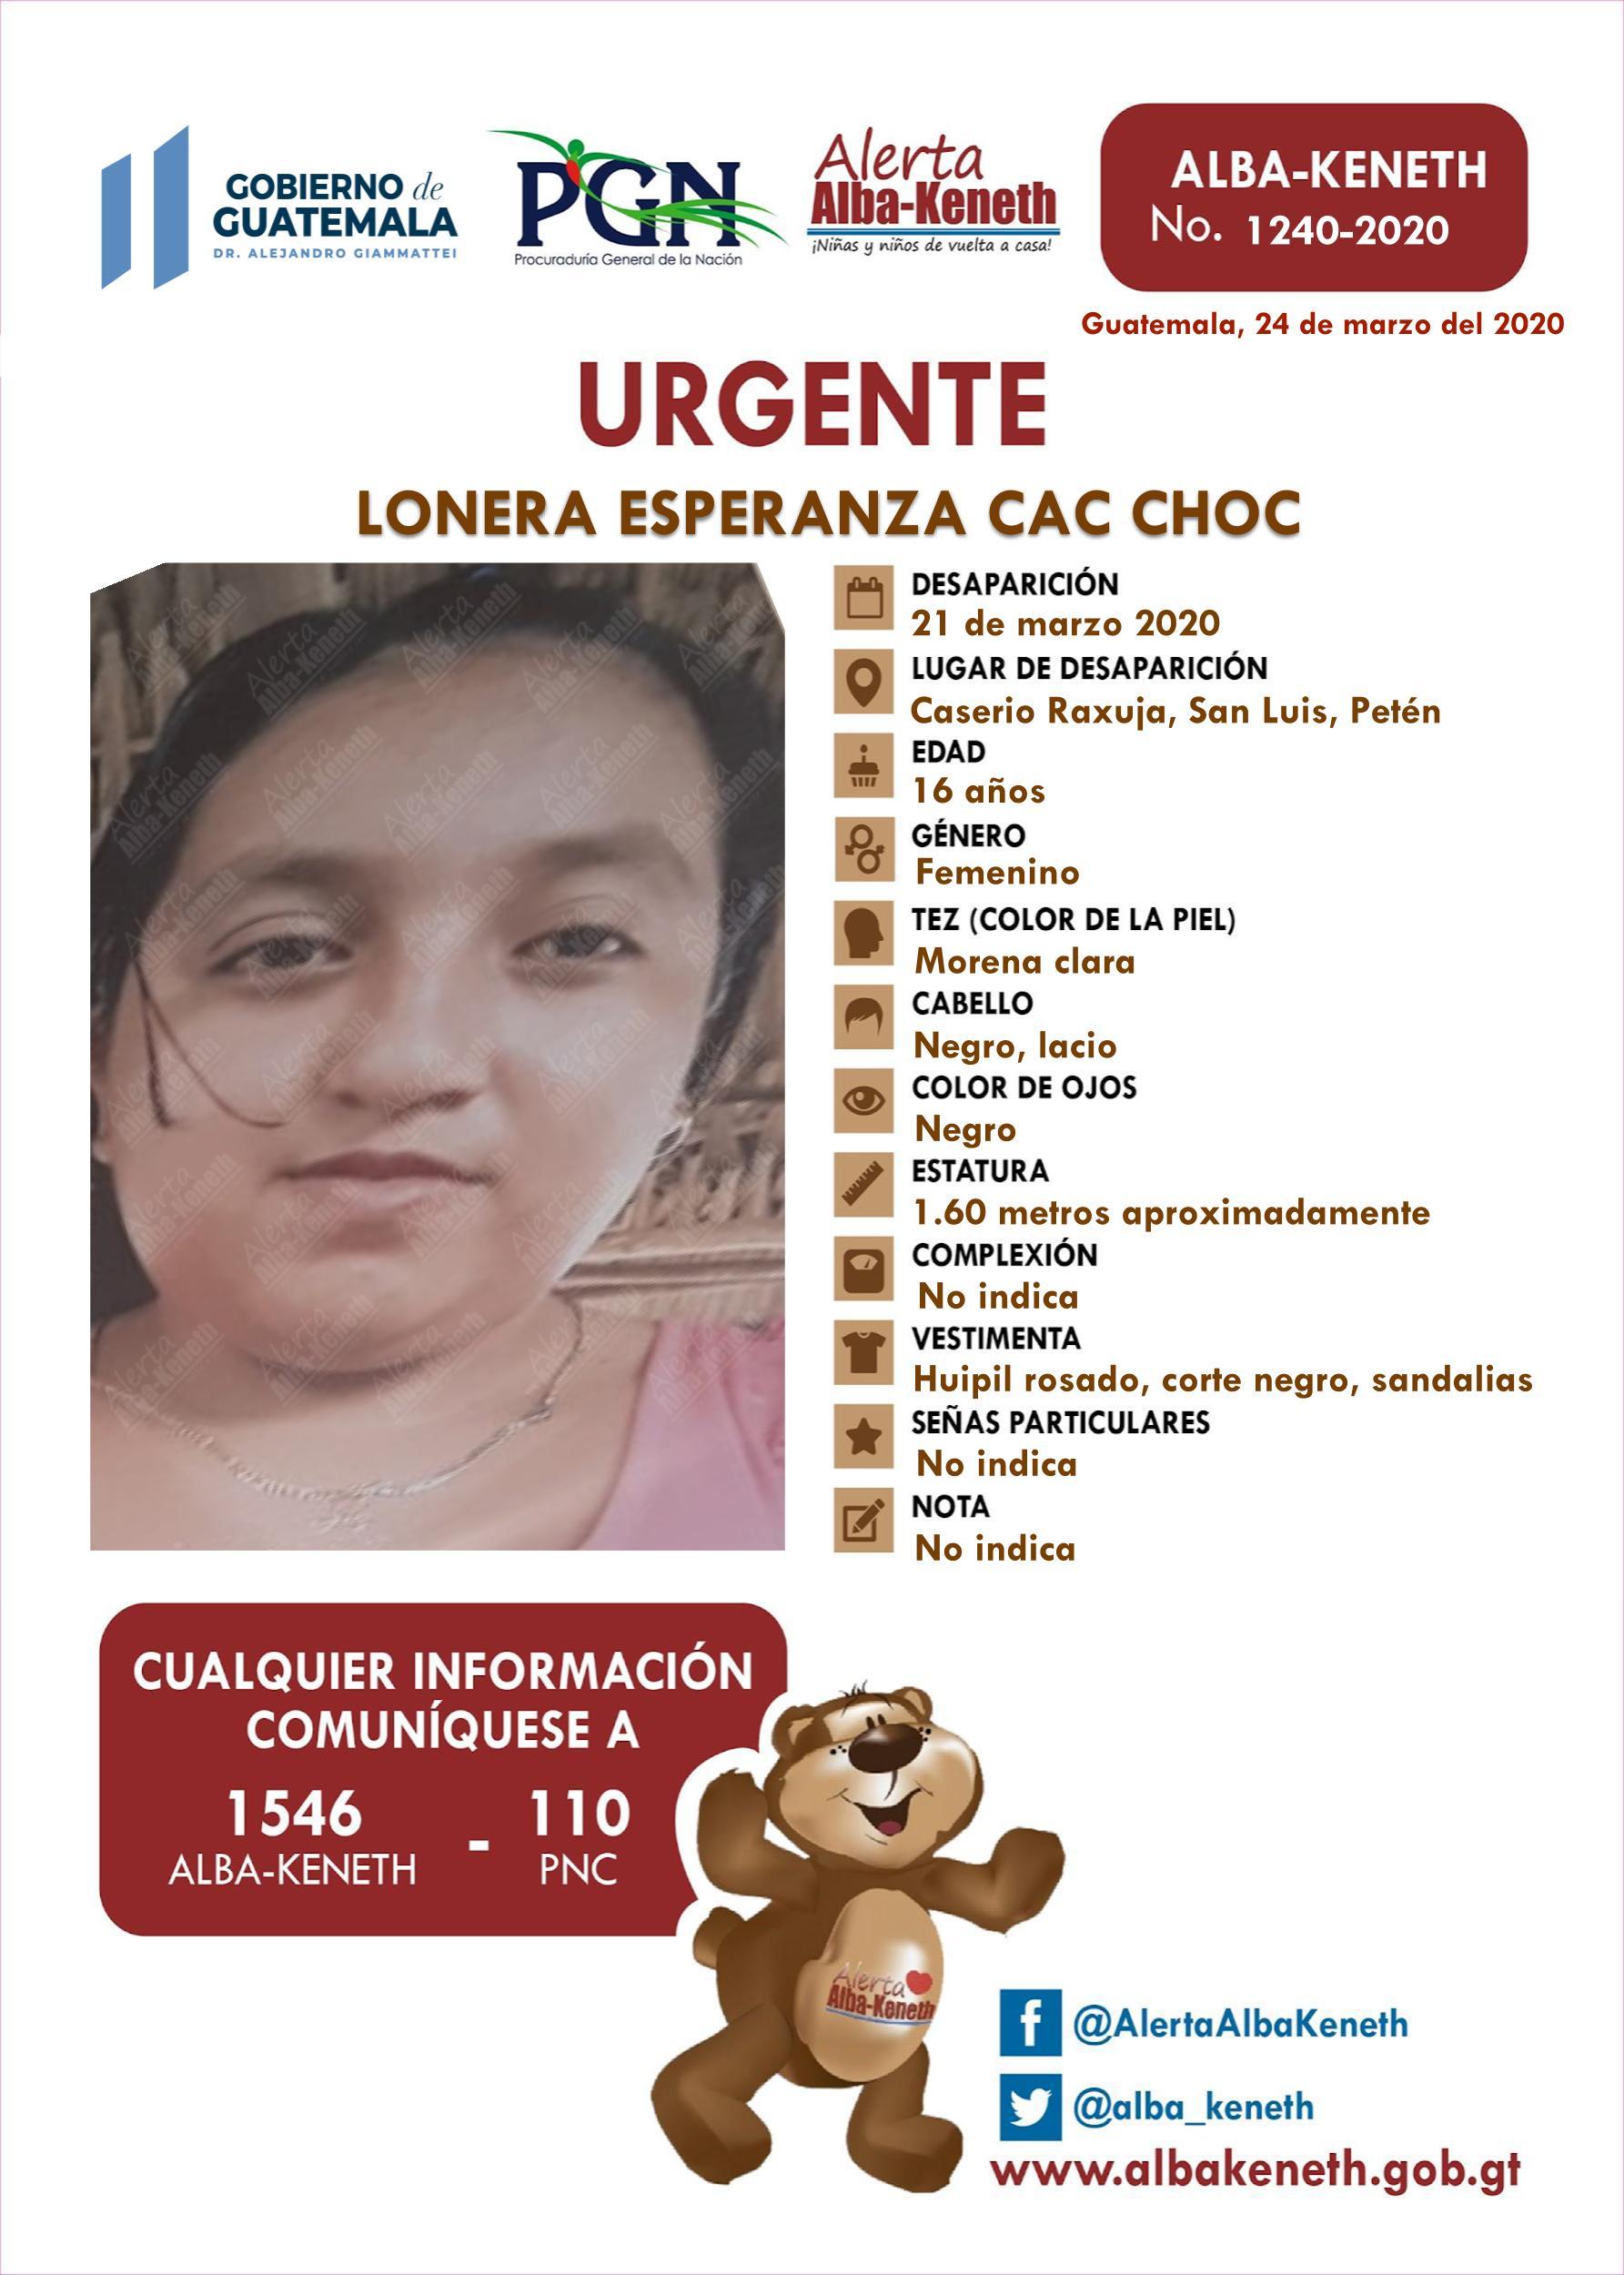 Lorena Esperanza Cac Choc